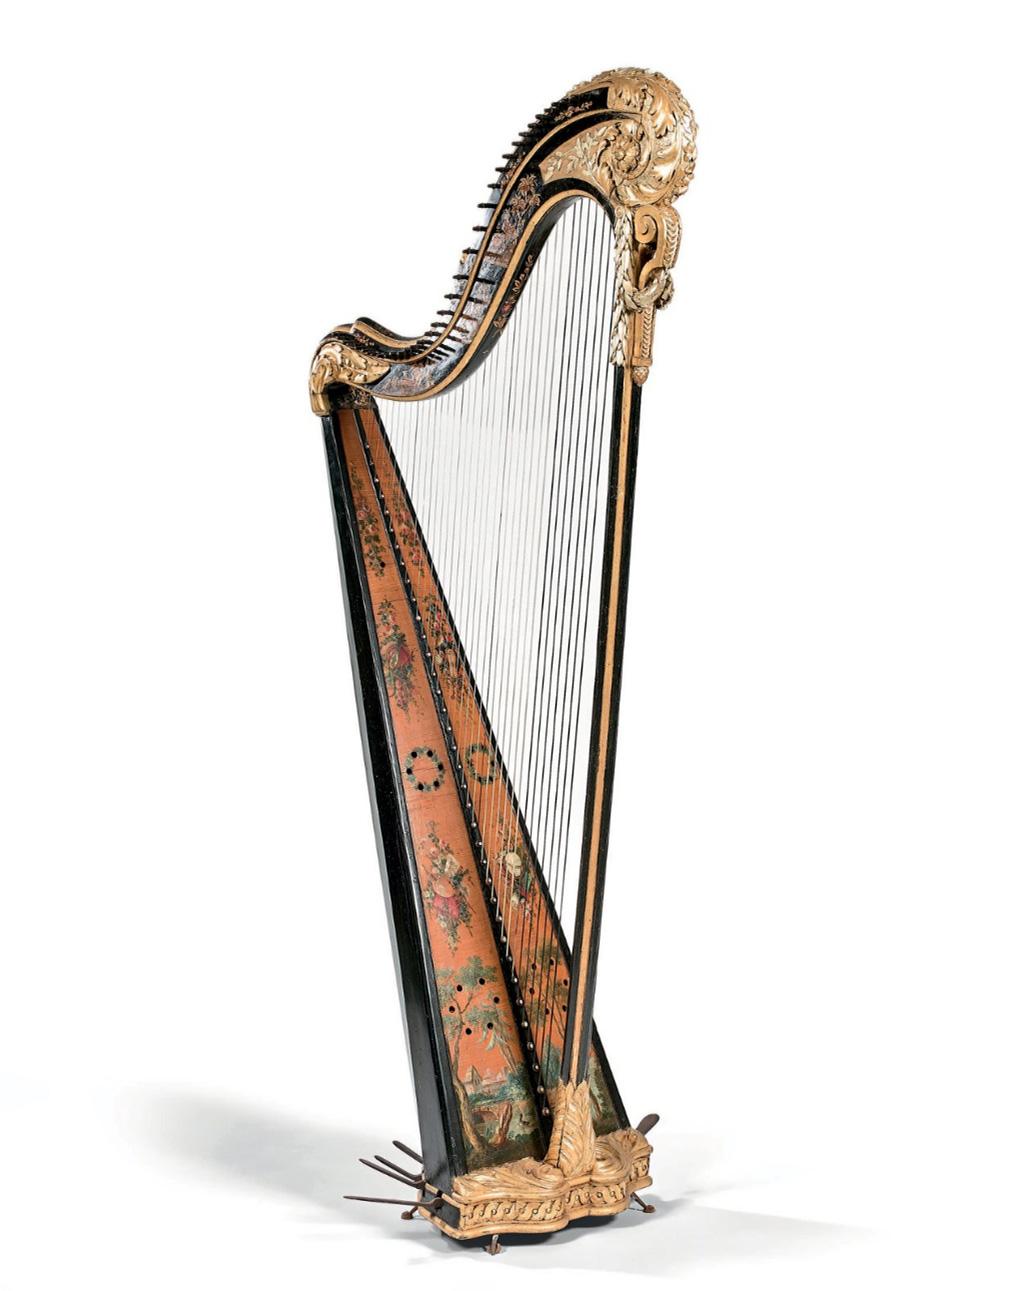 4347€ Naderman, fin XVIIIe-début XIXesiècle, harpe à 36cordes,bois redoré, sculpté et laqué, 161x54x64cm.Drouot, 17juin 2019. L